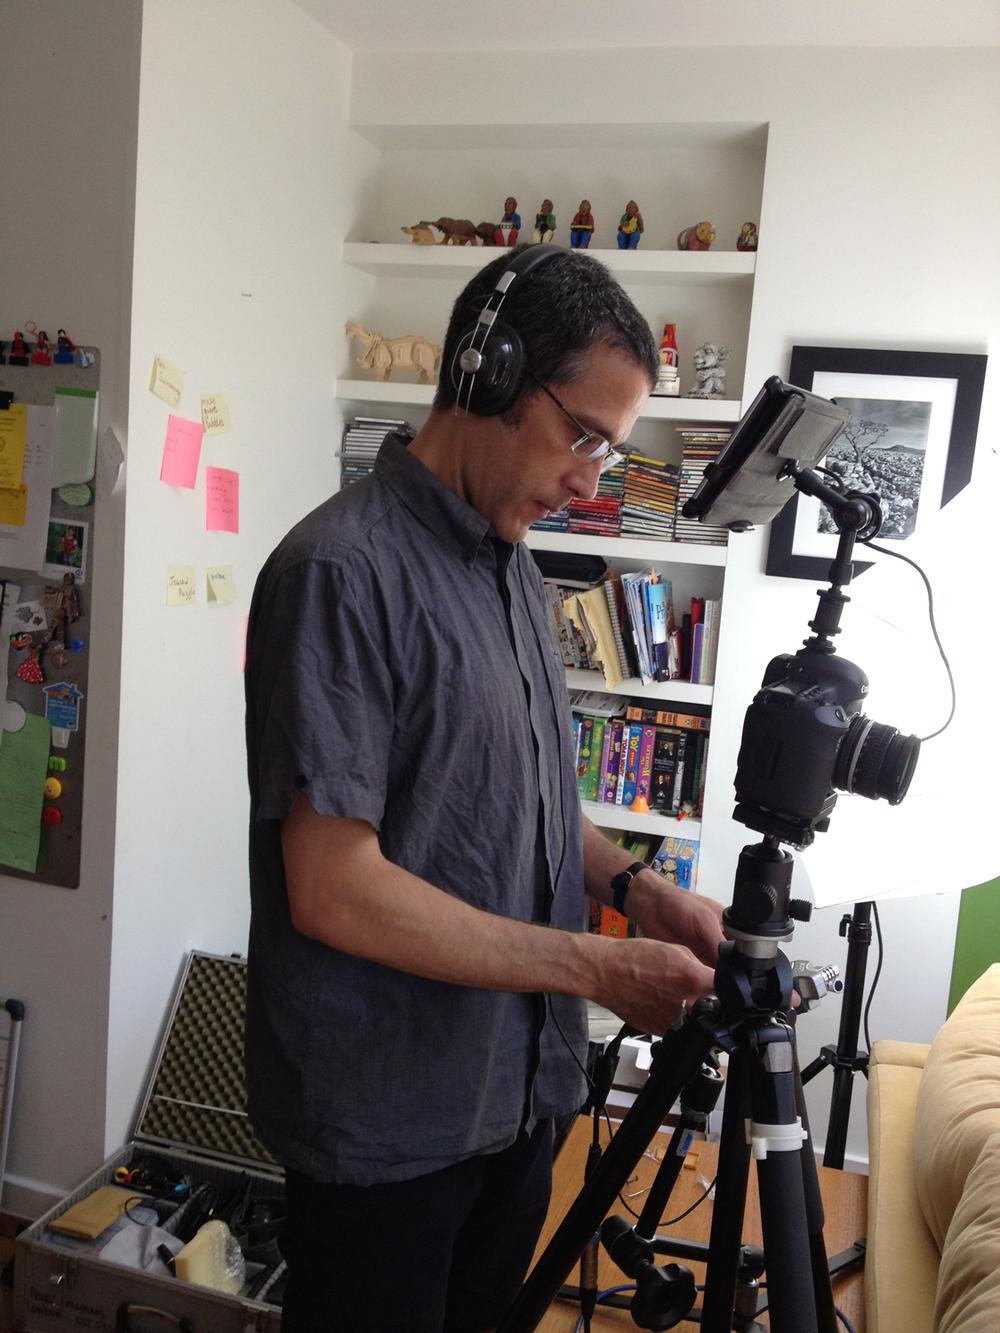 Producer Steve